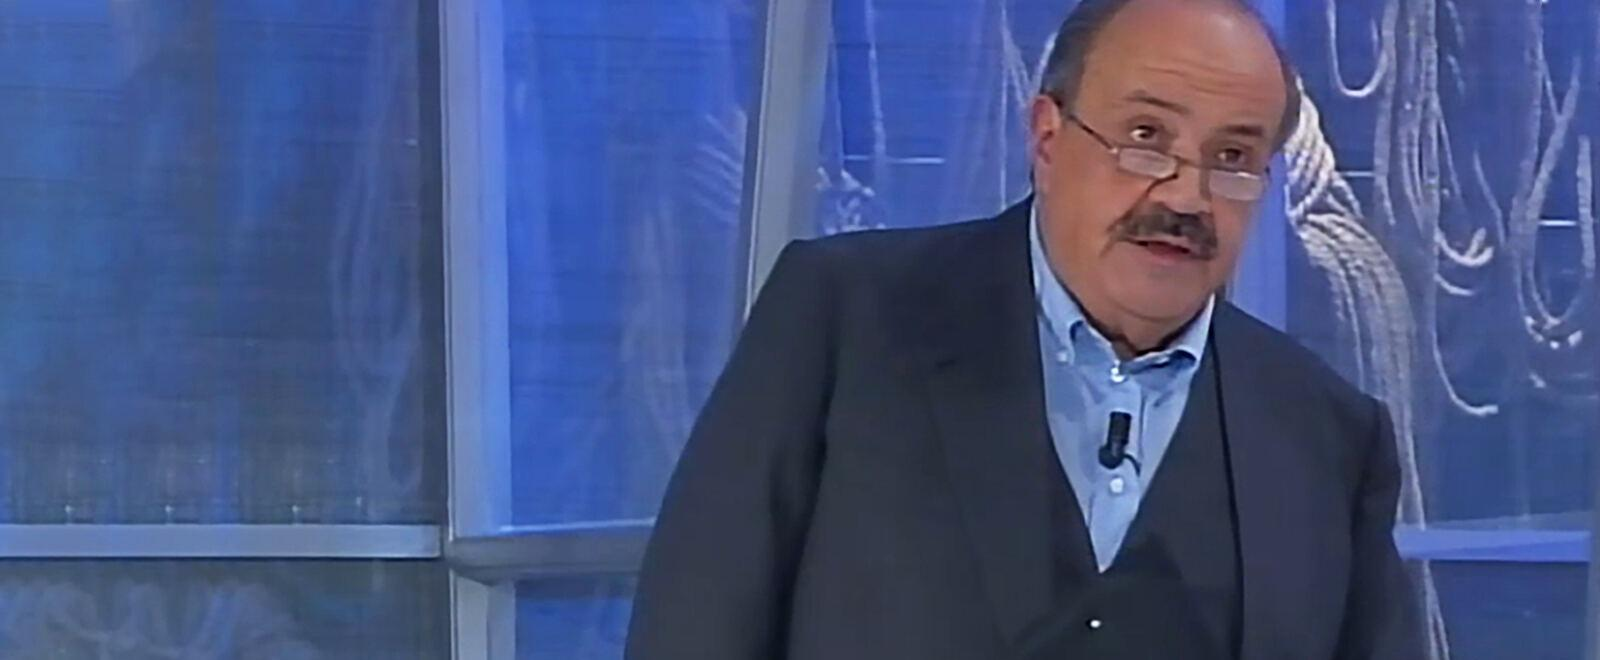 Maurizio Costanzo Show - Speciale 20 Anni